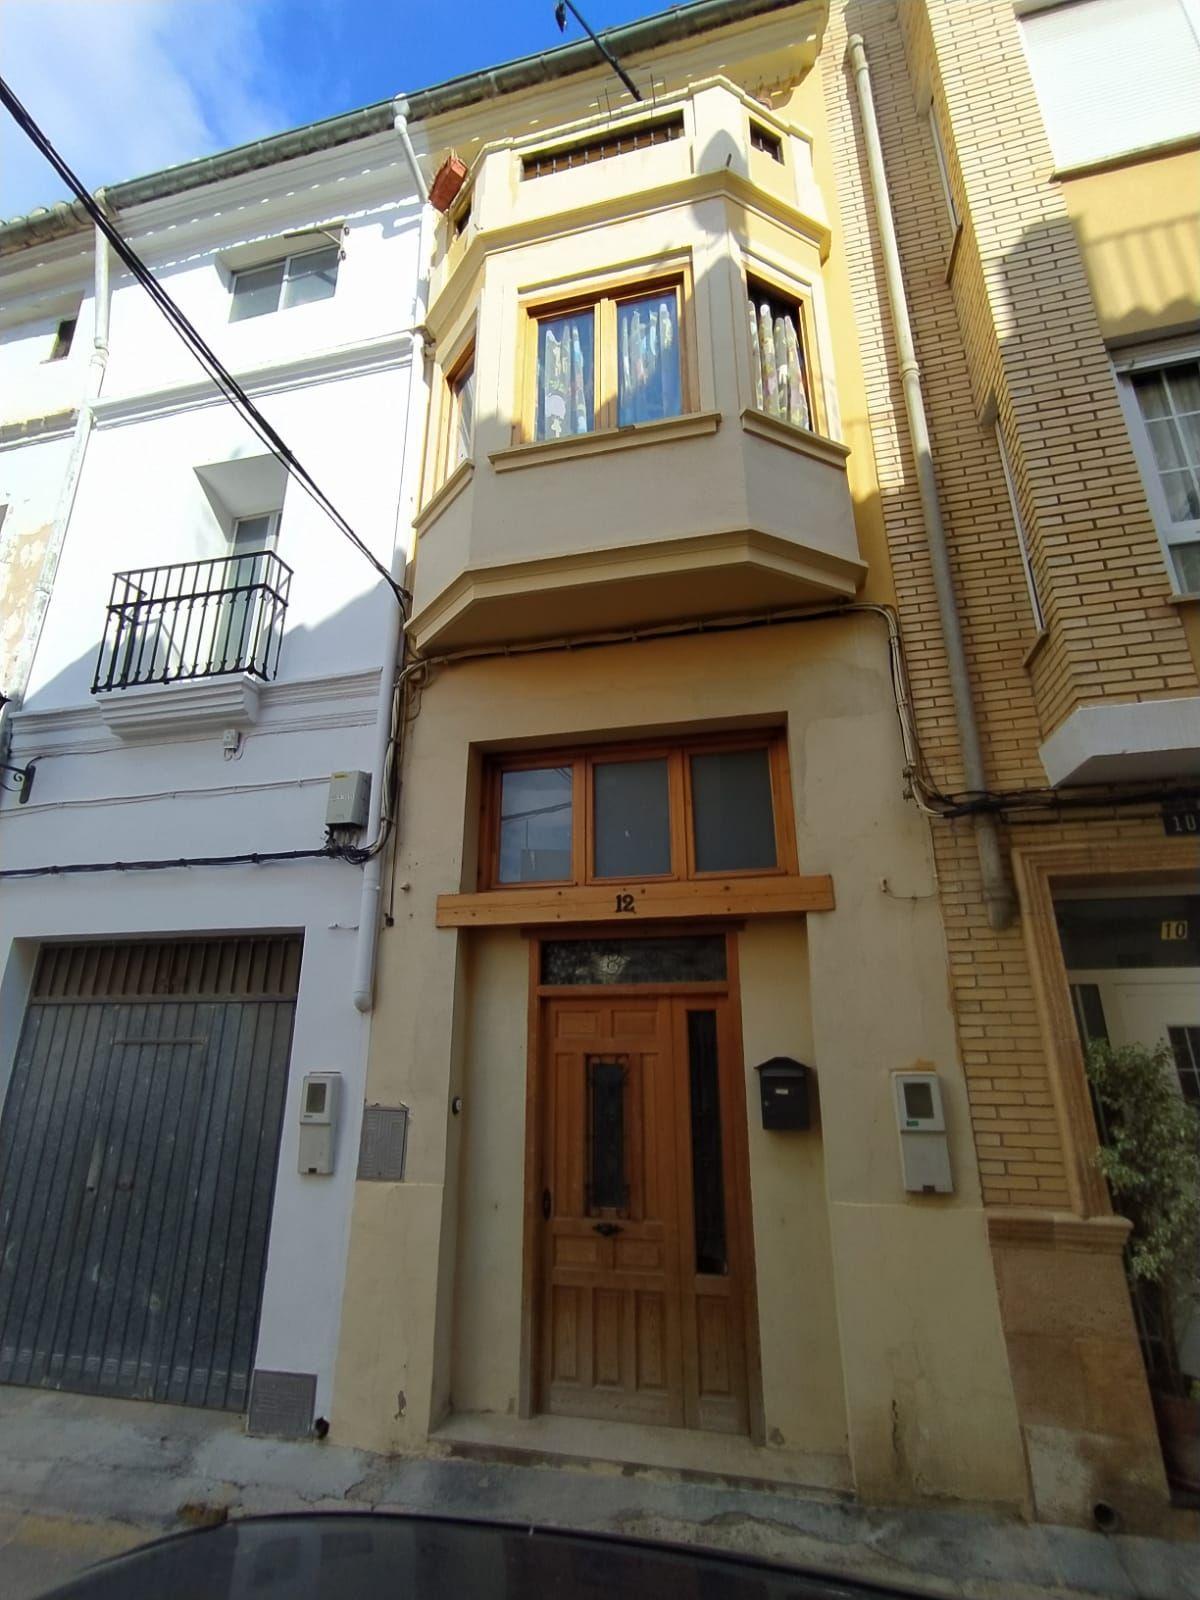 Casa en venta en Altura, Altura, Castellón, Calle Canonigo Suesta, 68.000 €, 5 habitaciones, 3 baños, 150 m2